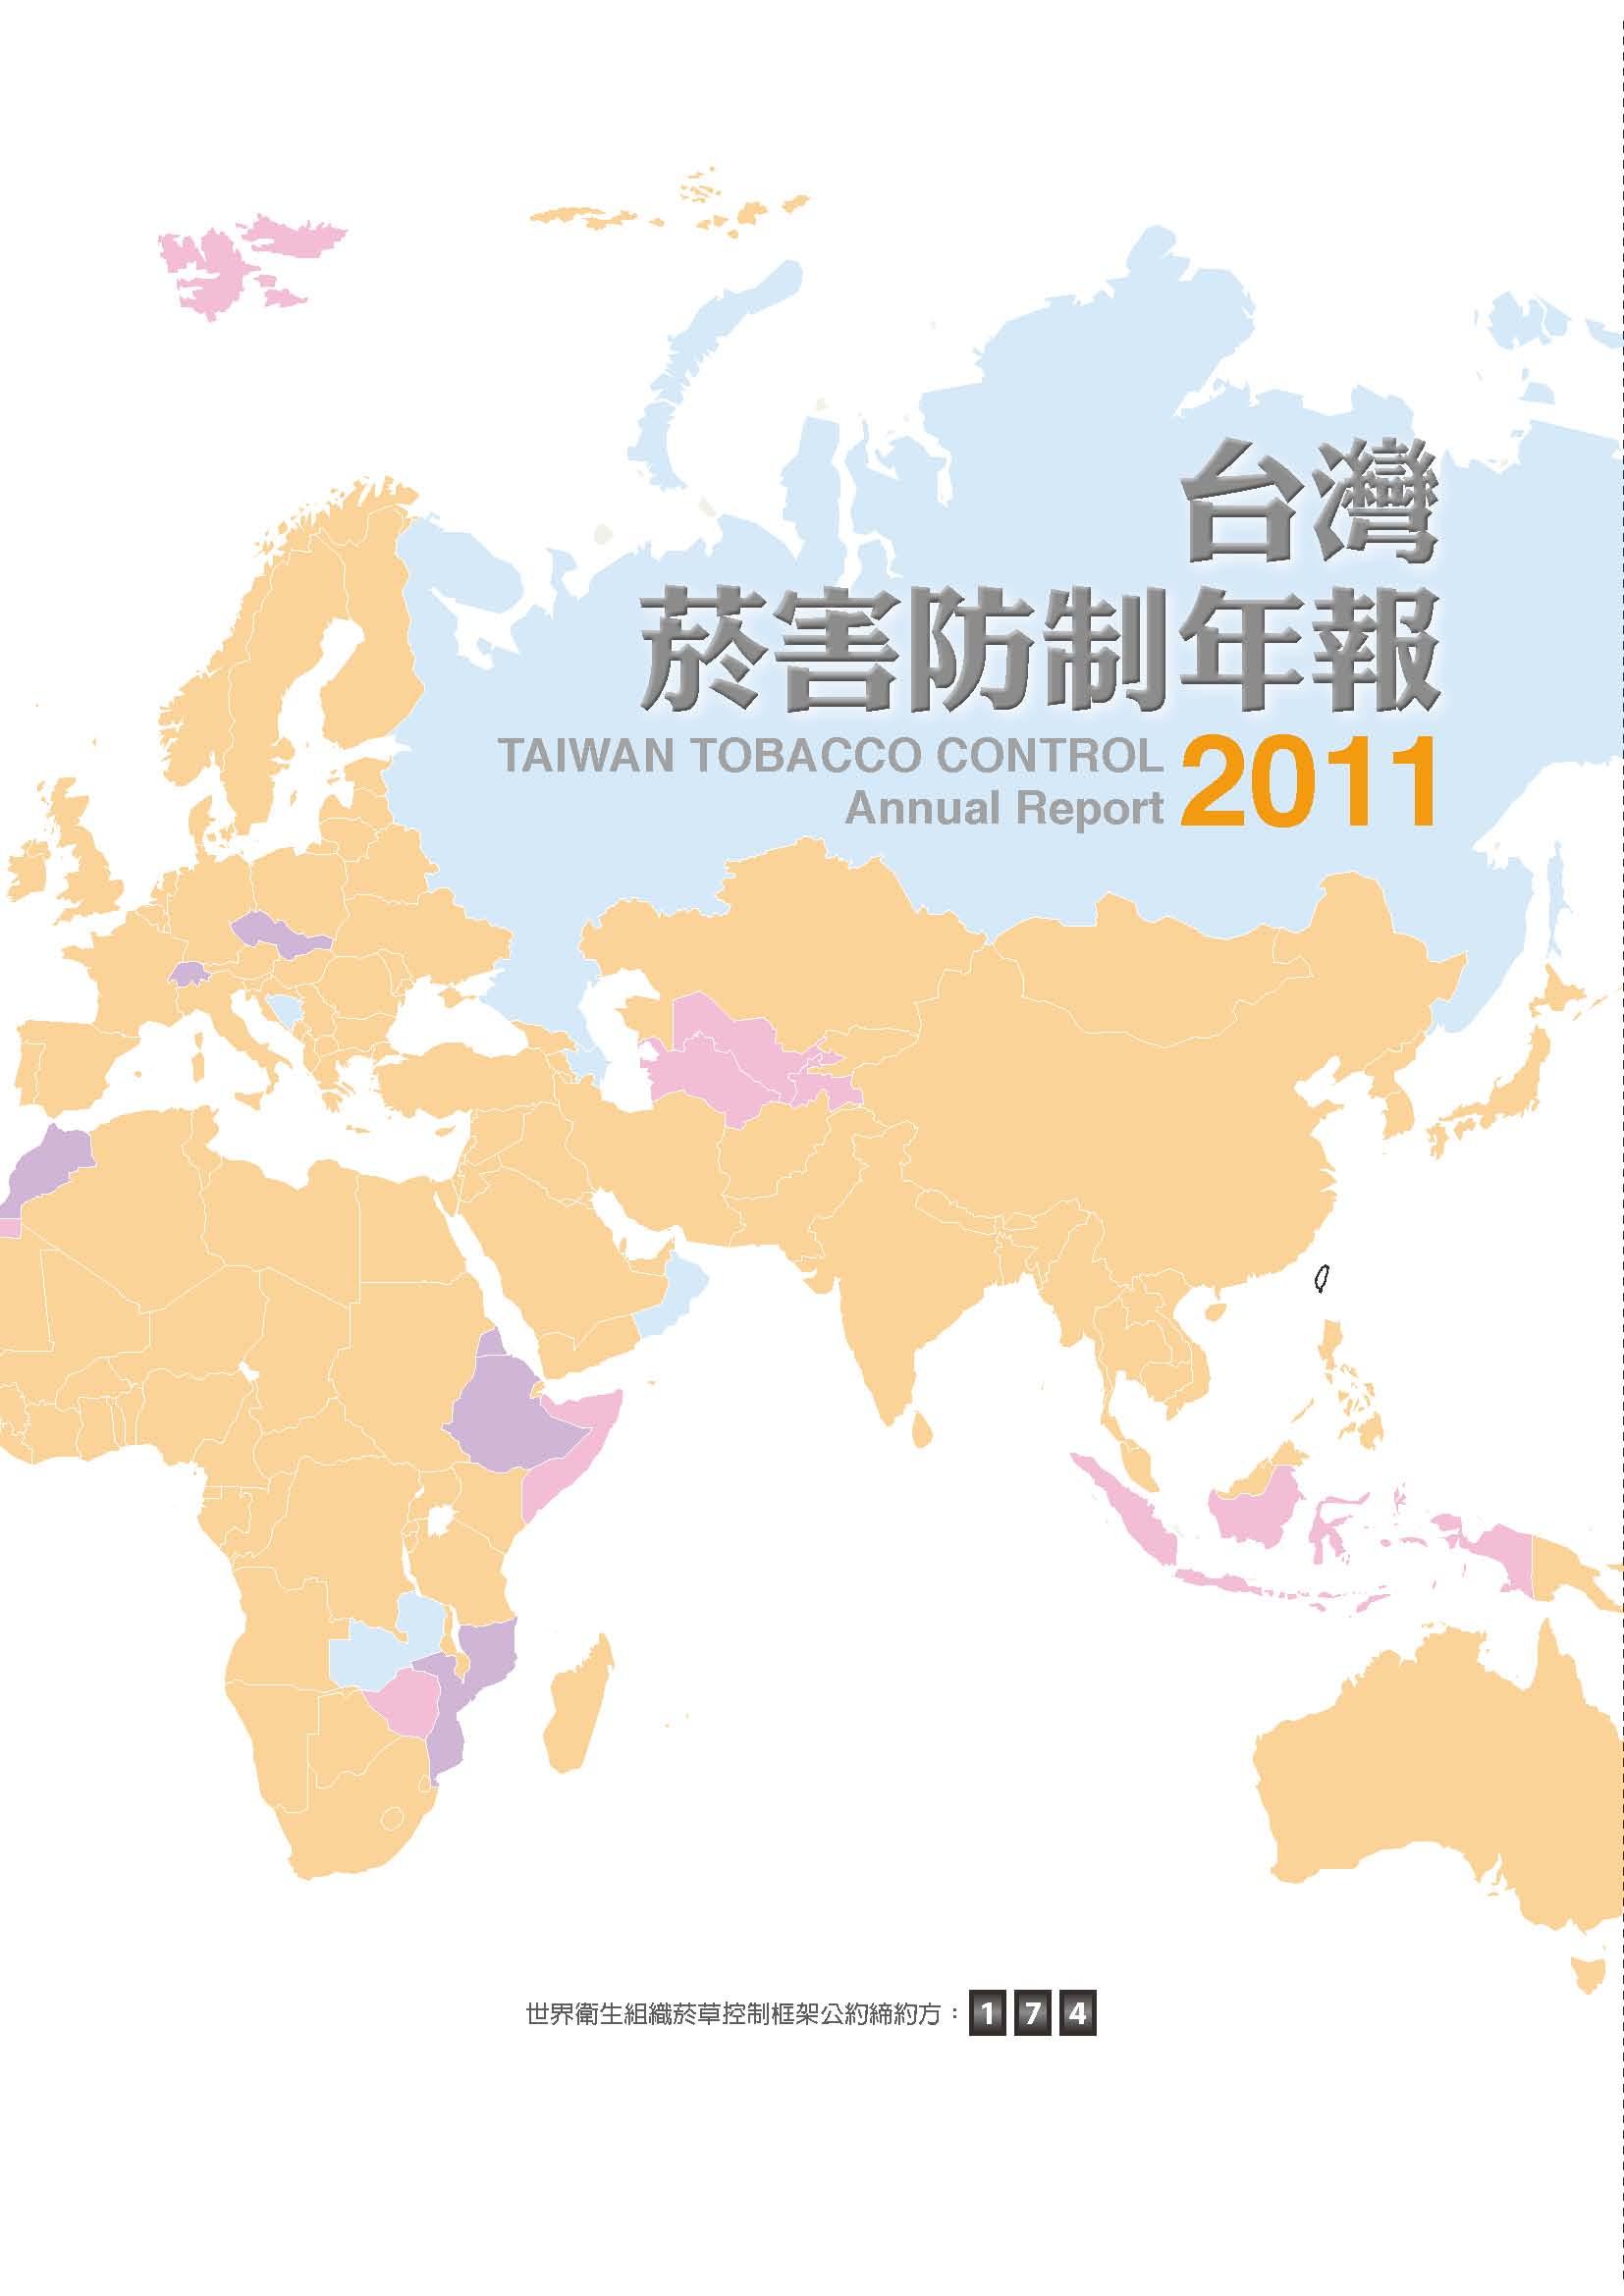 2011菸害防制年報